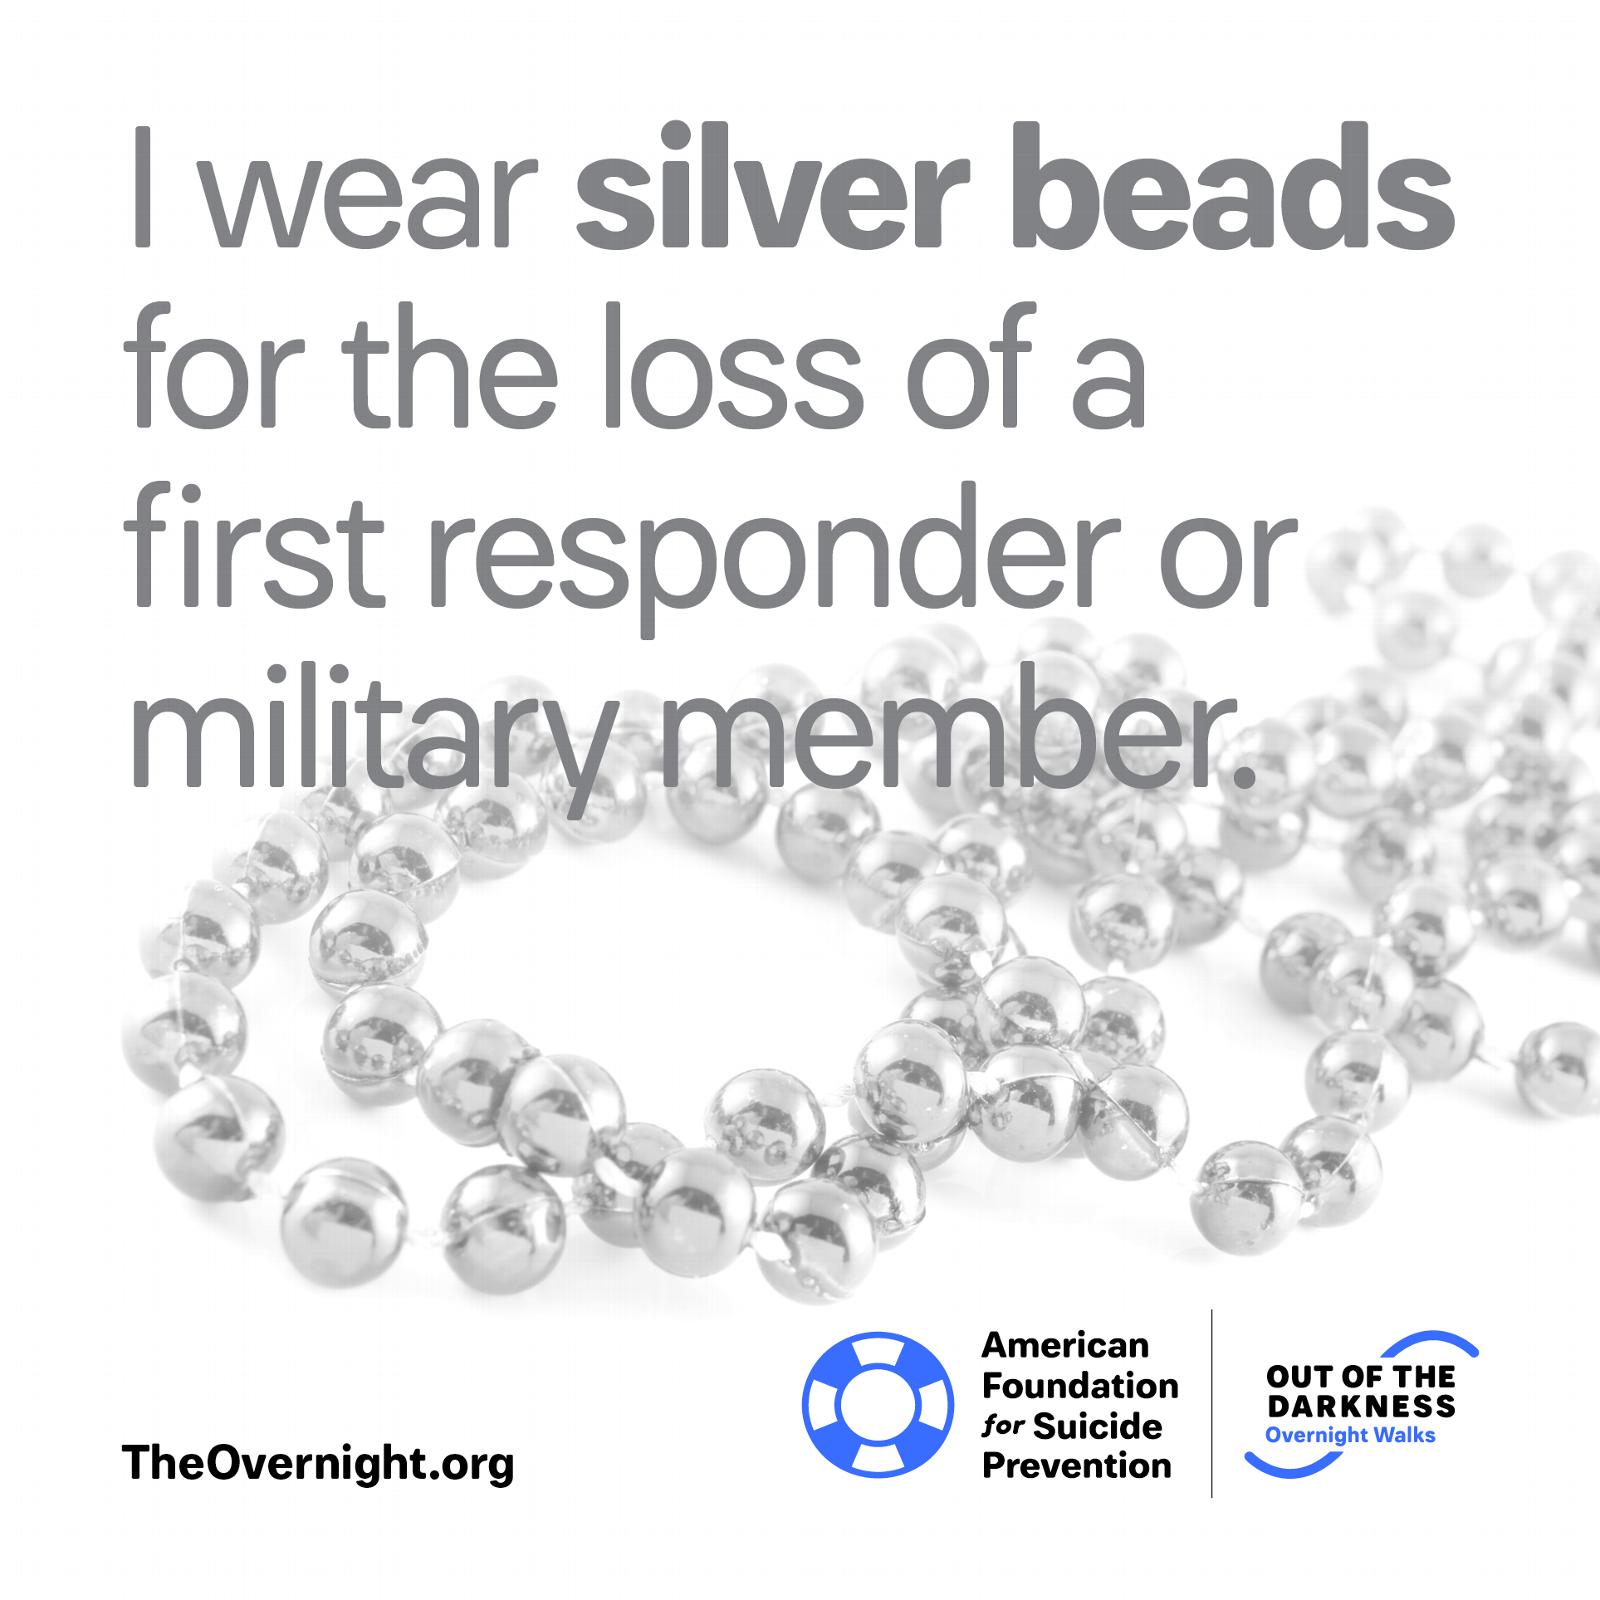 I Wear Silver Beads